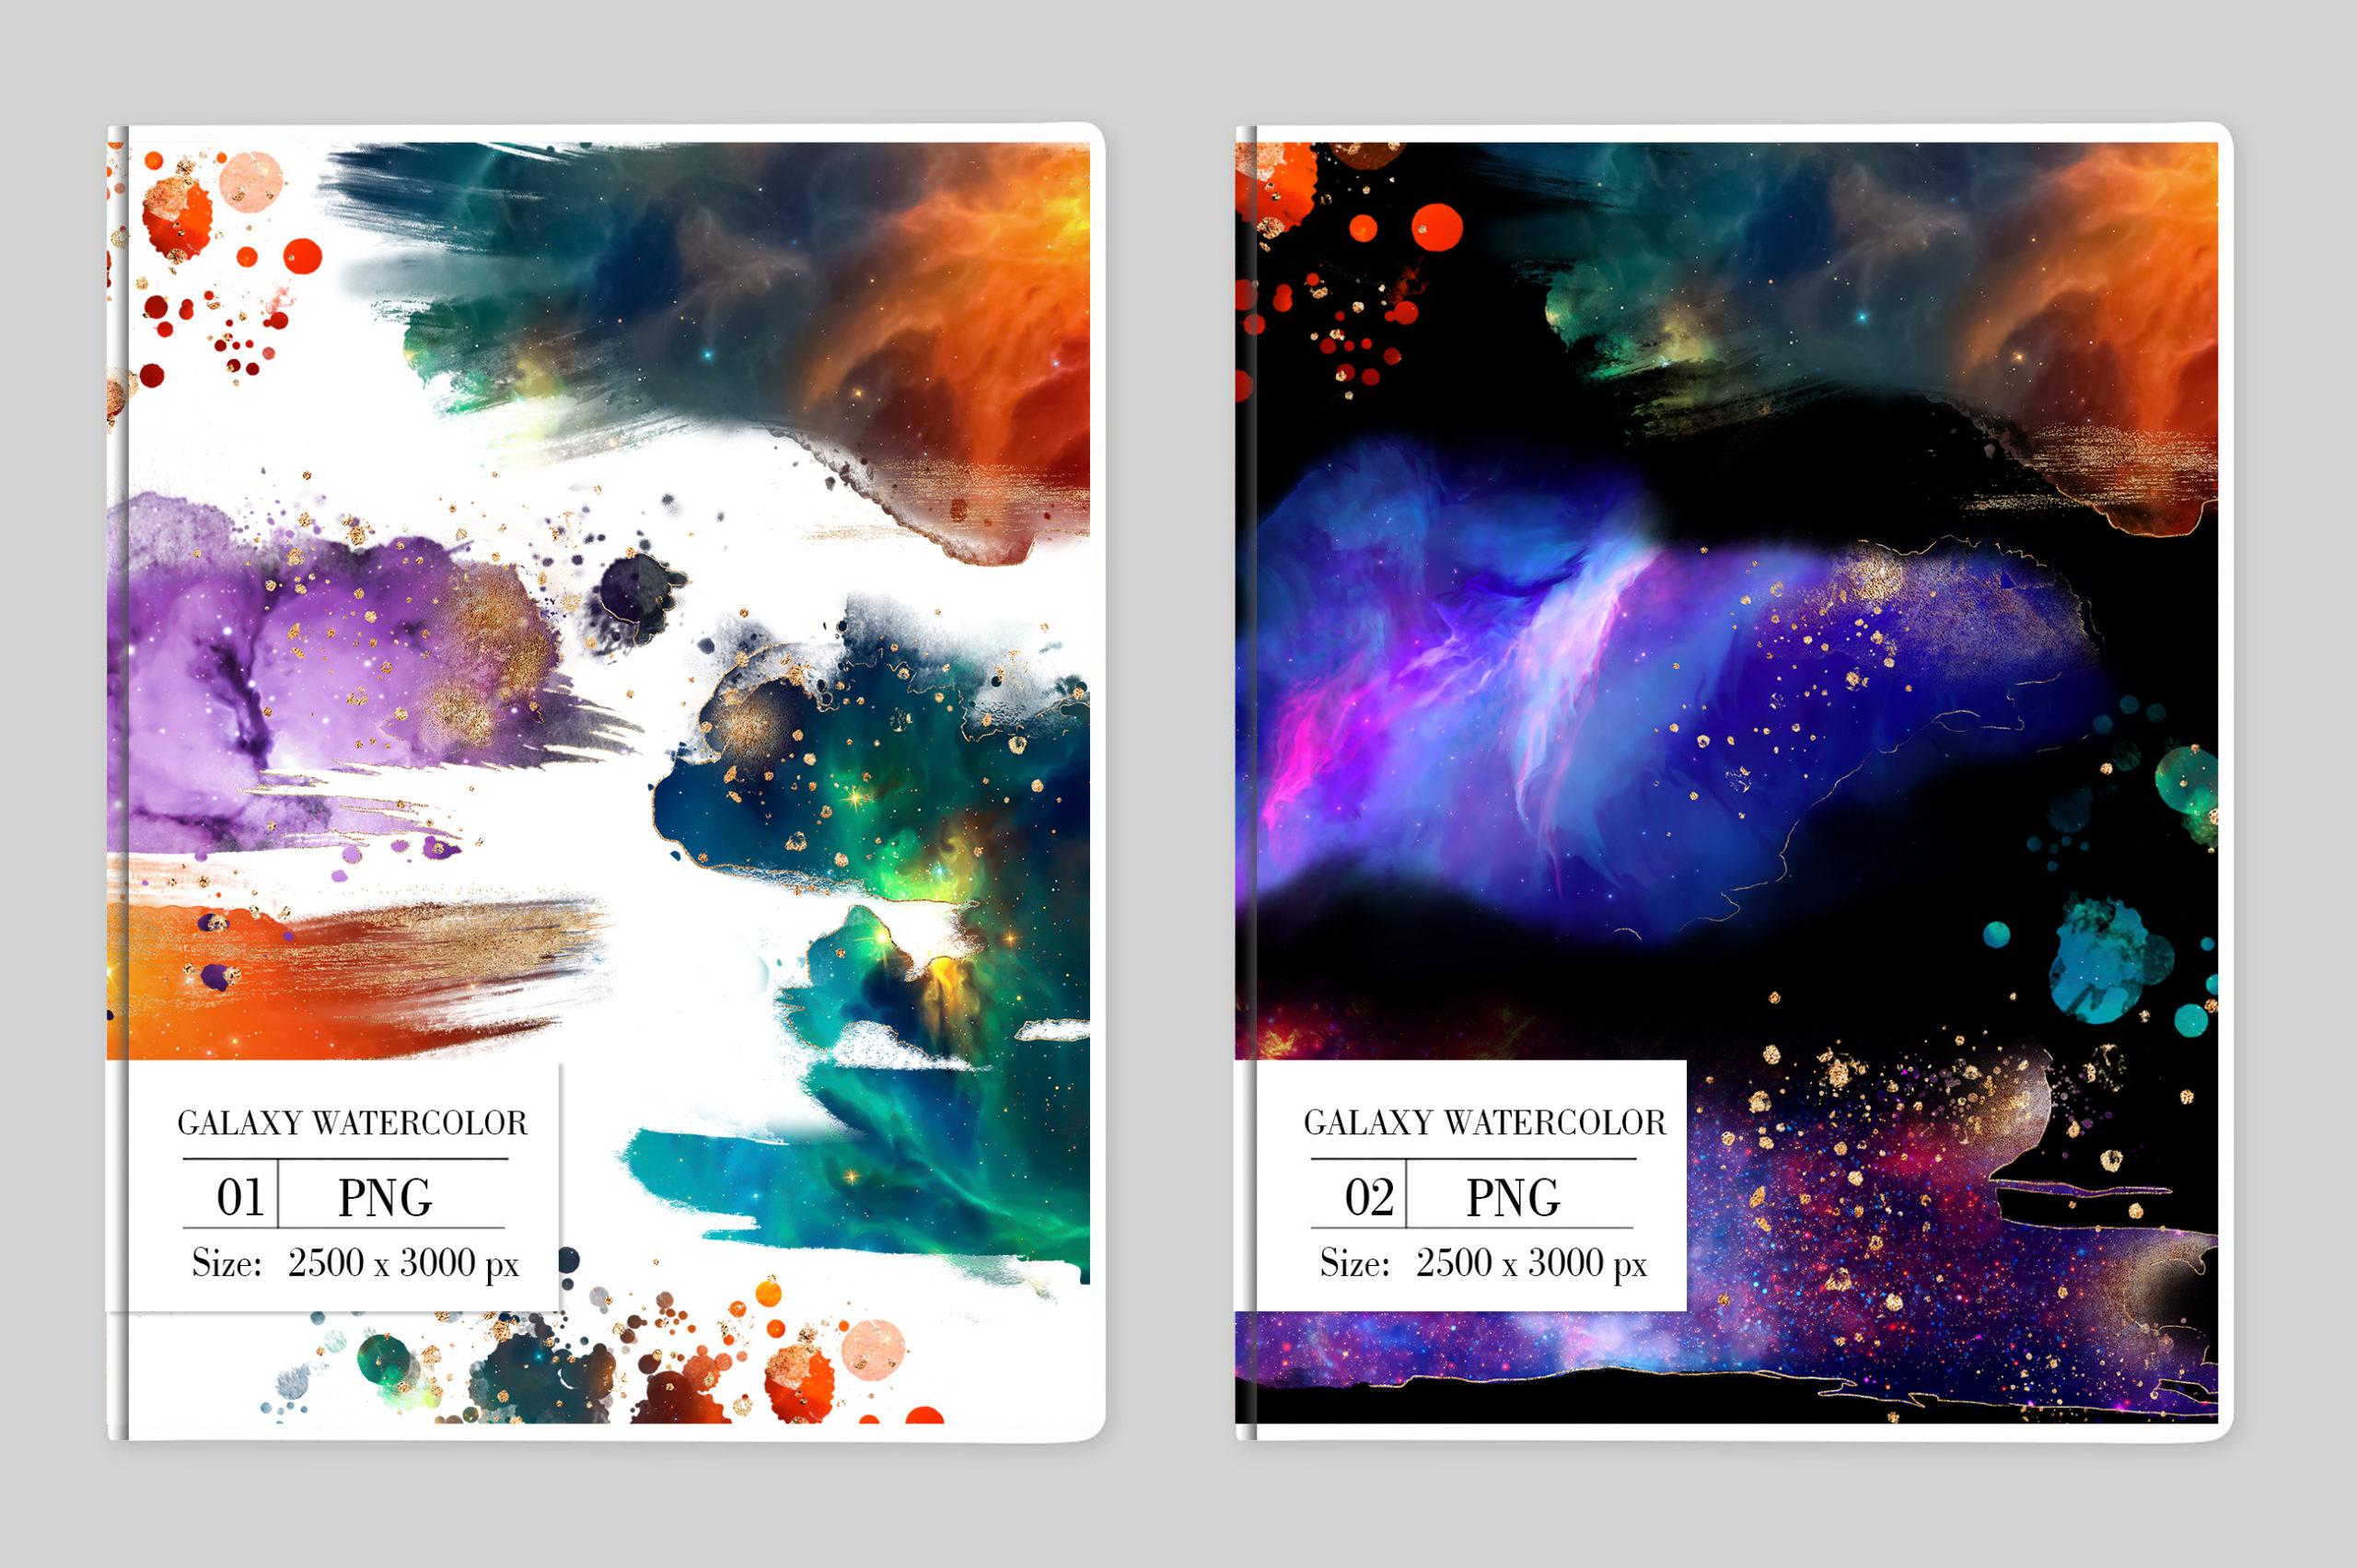 炫彩星云星系宇宙空间水墨背景图片设计素材 Galaxy Watercolor插图5